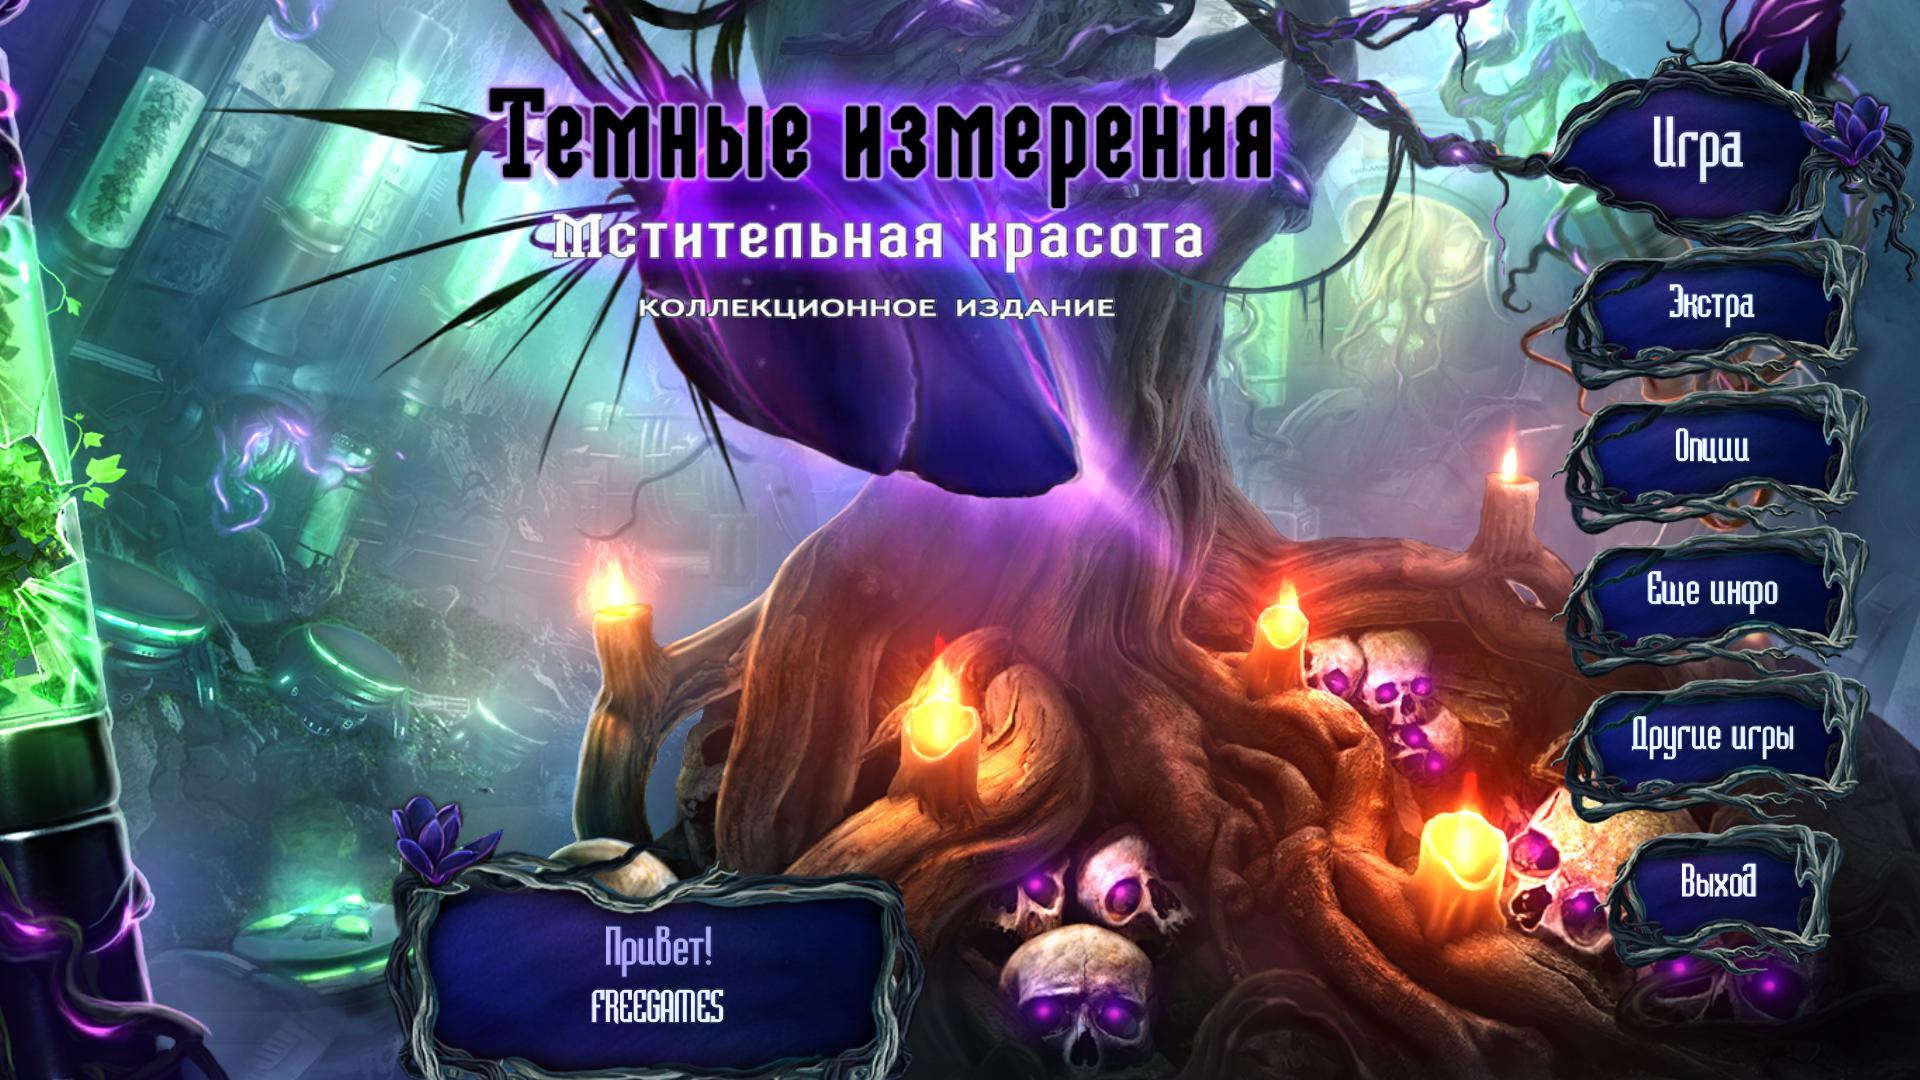 Темные измерения 8: Мстительная красота. Коллекционное издание | Dark Dimensions 8: Vengeful Beauty CE (Rus)